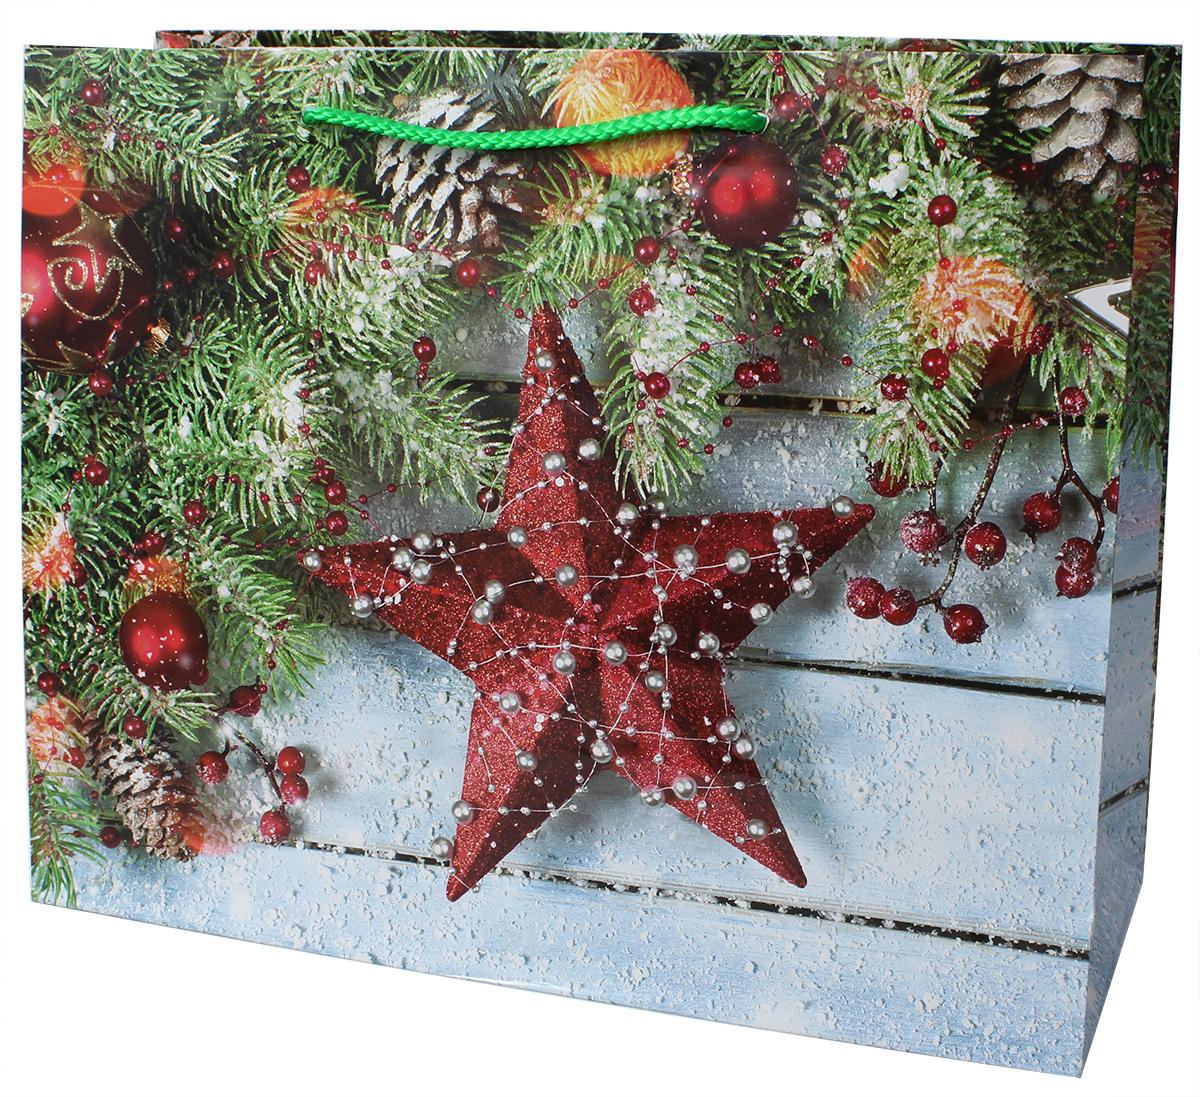 Пакет подарочный Мегамаг, ламинированный, 32,7 х 26,4 х 13,6 см. 853 LH853 LHПакет подарочный ламинированный. Ручки-шнурки.Размер:327 x 264 x 136 мм .